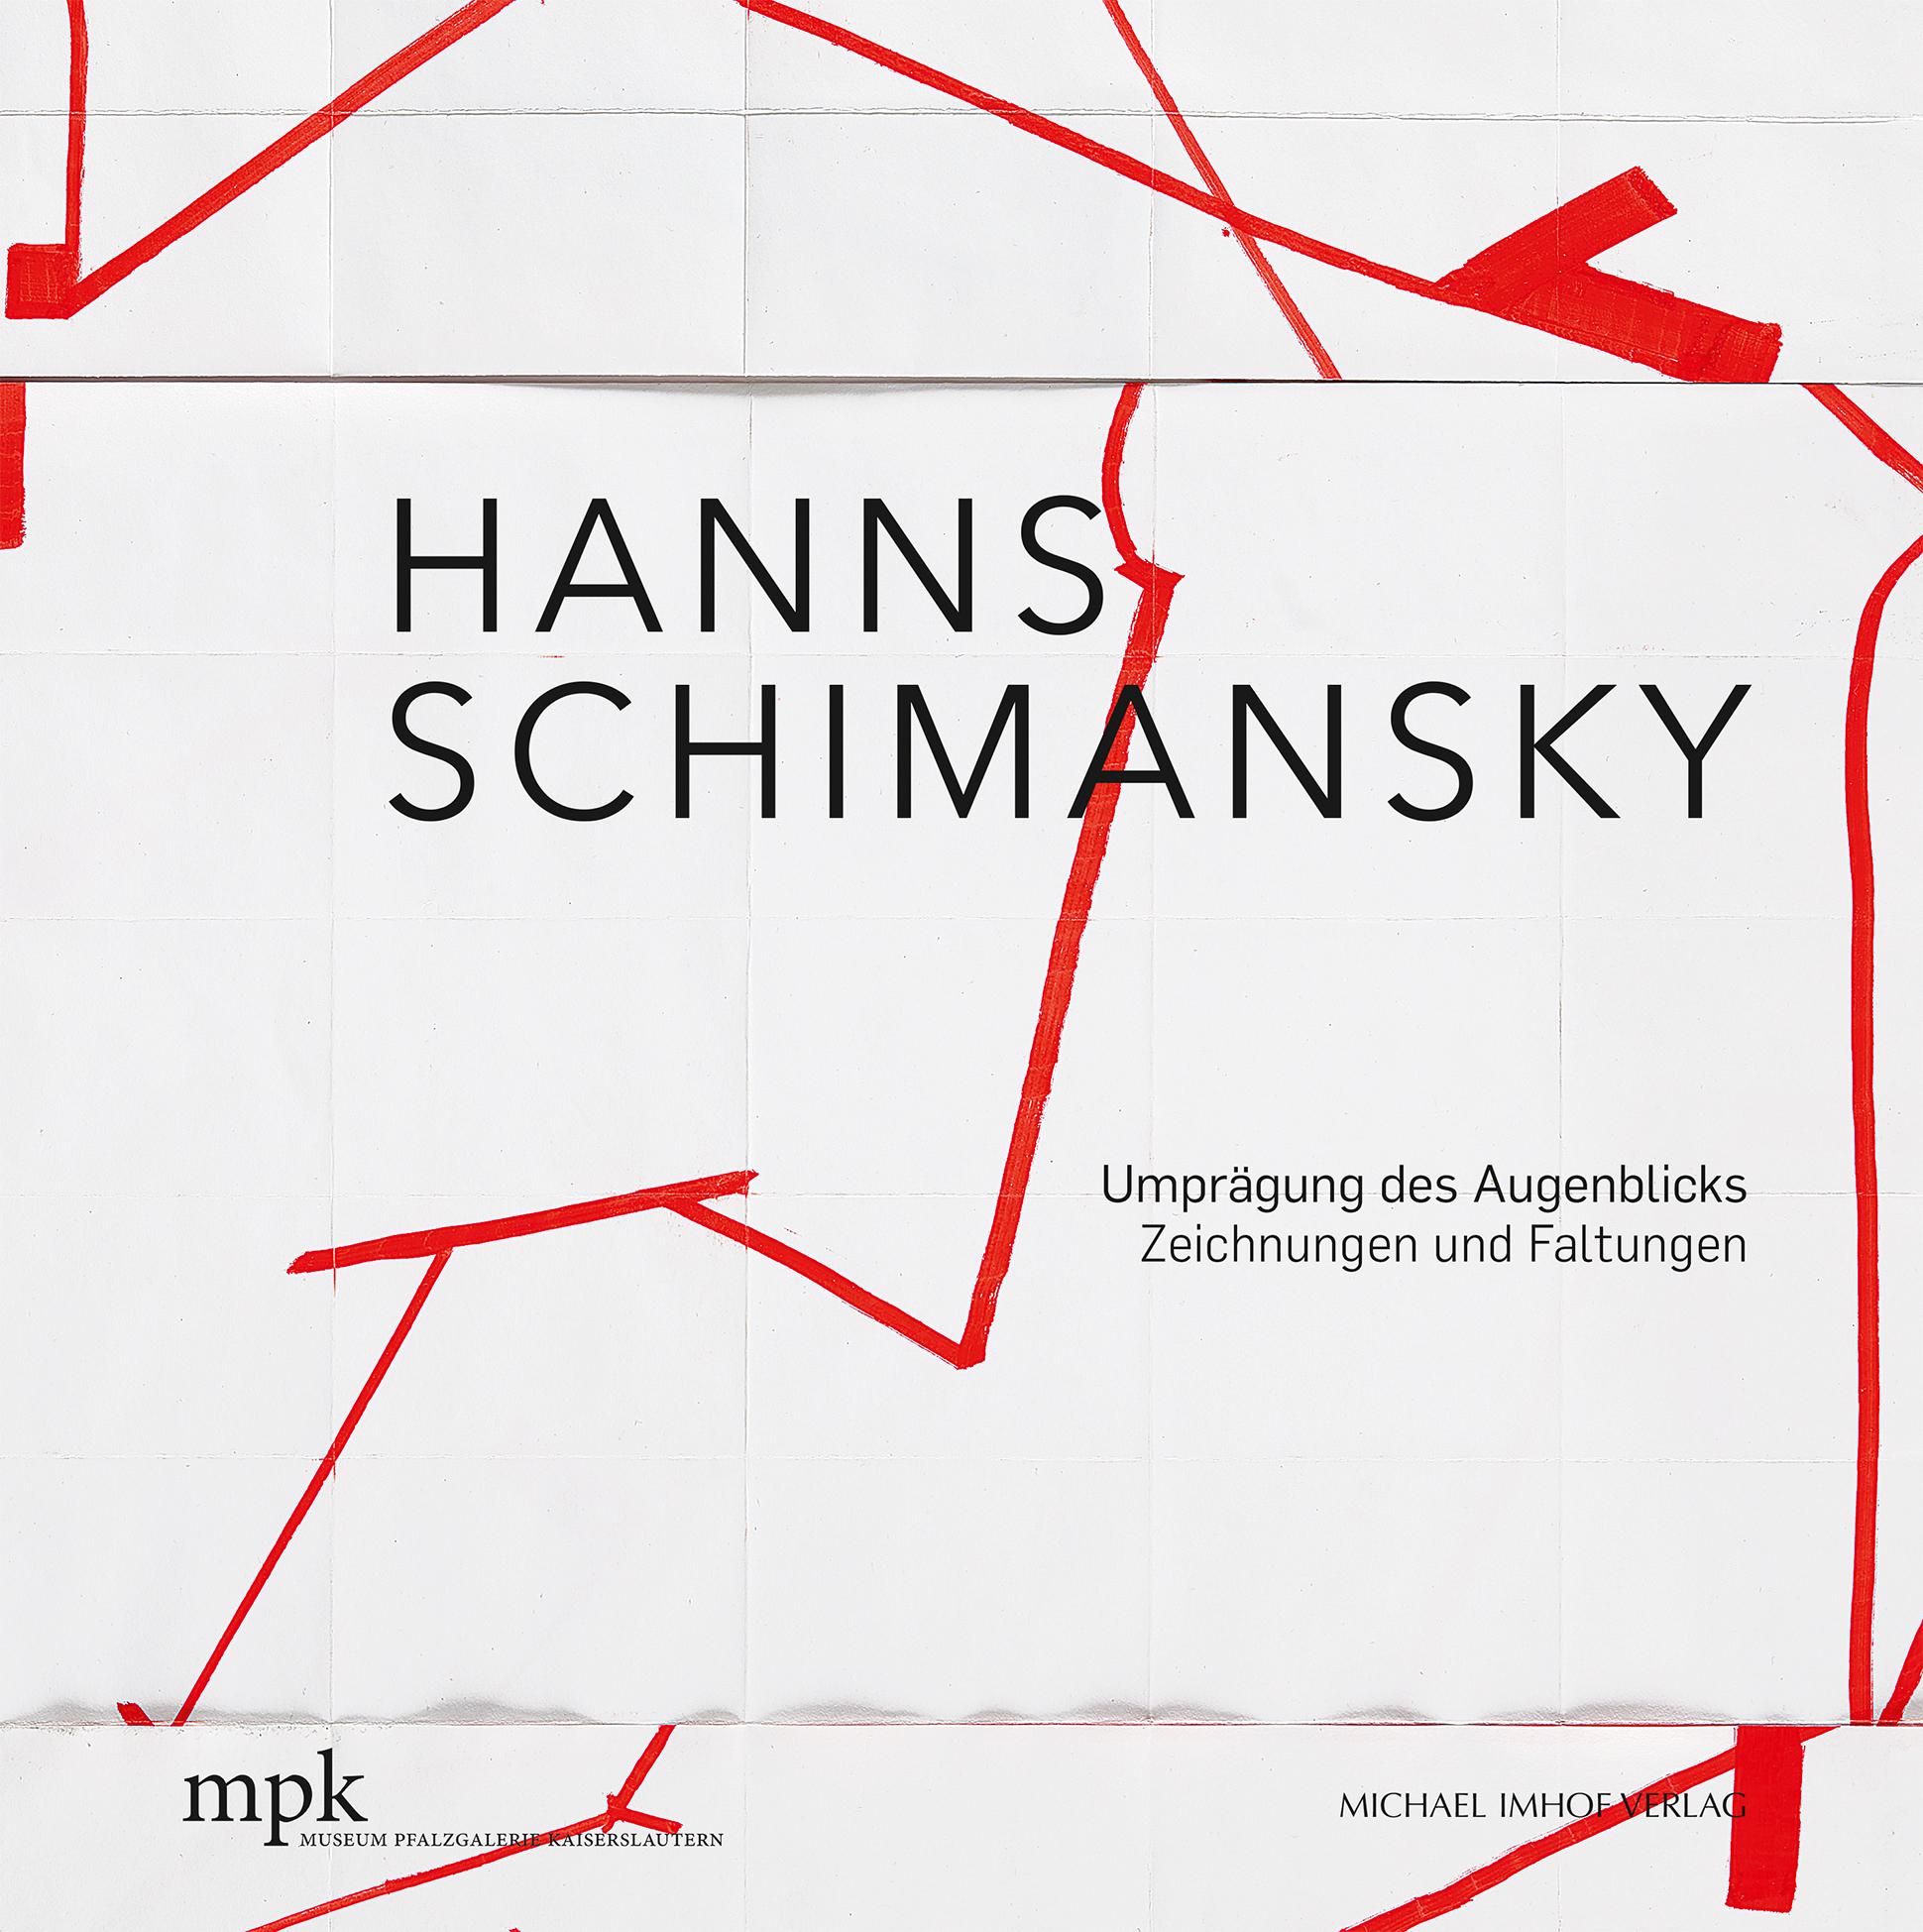 NEU_Hanns-Schimansky_UMSCHLAG.qxp_Layout 1